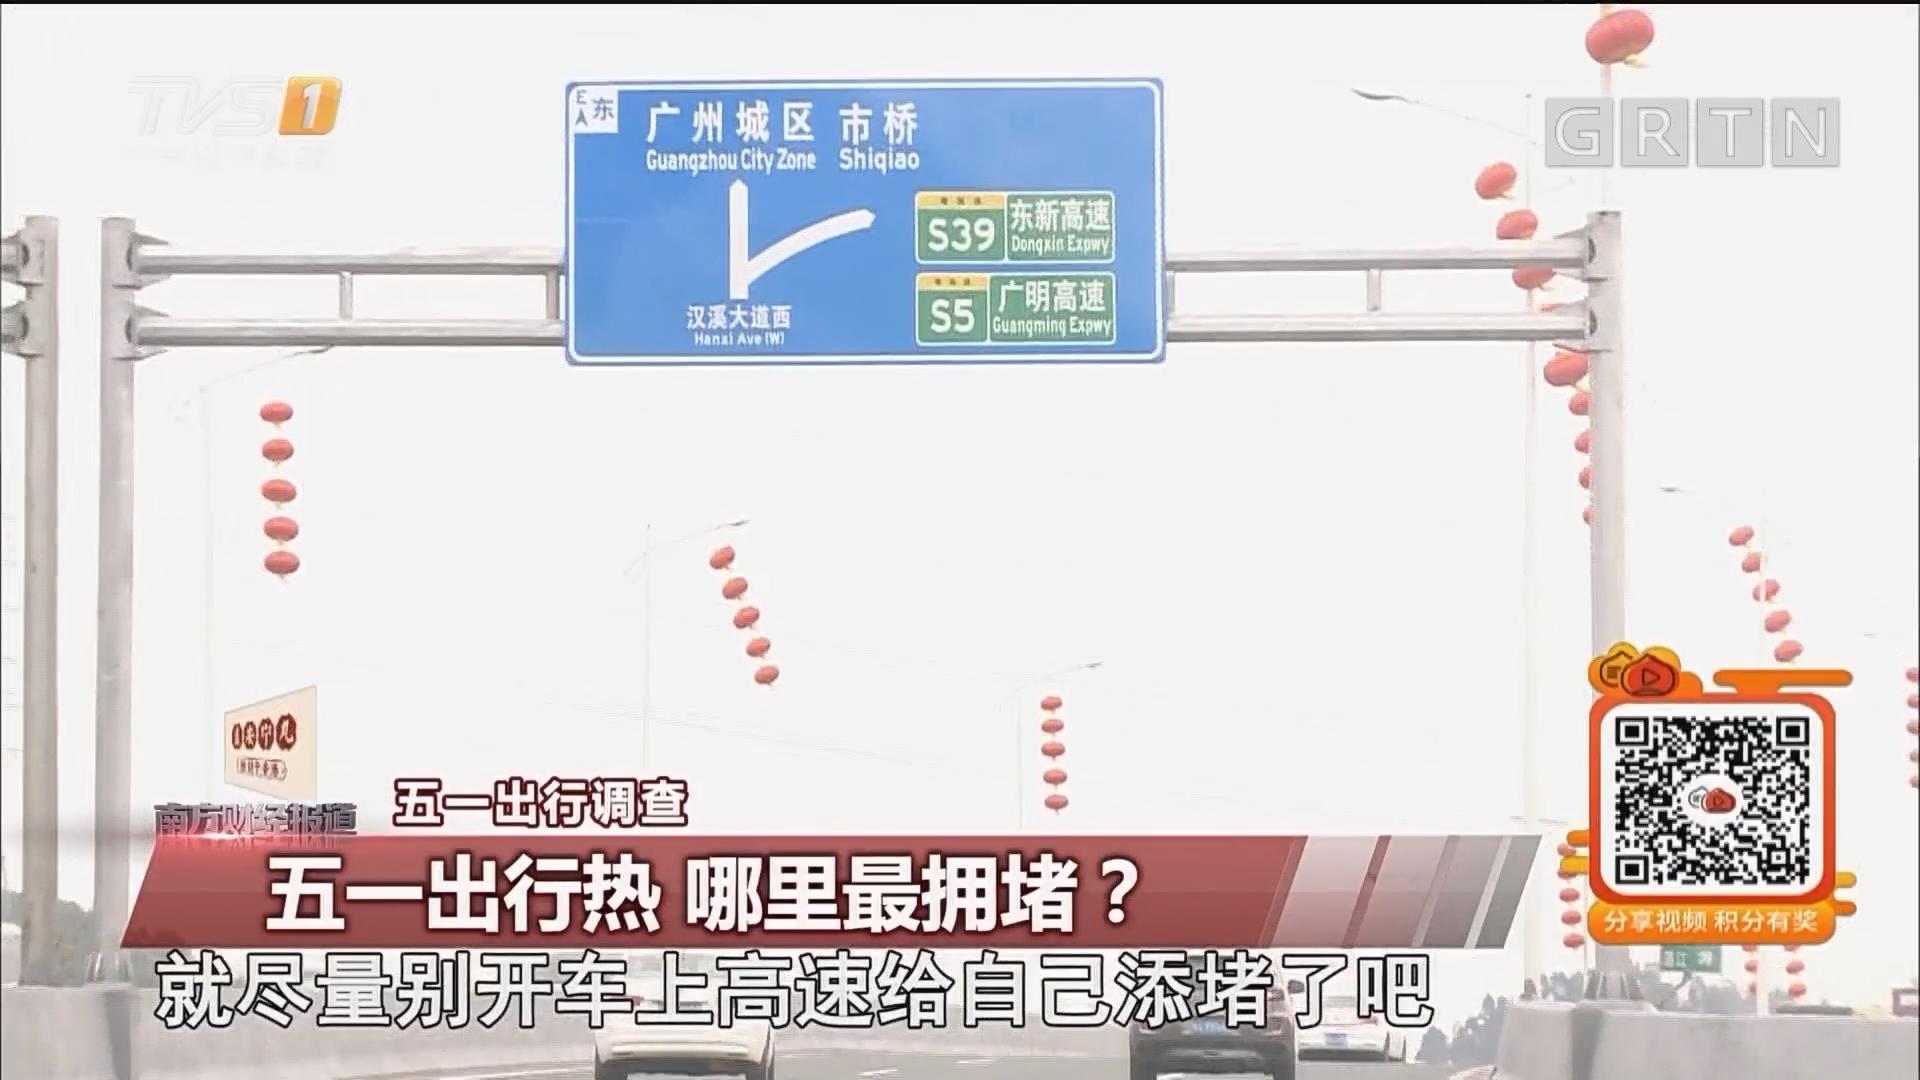 五一出行热 哪里最拥堵?